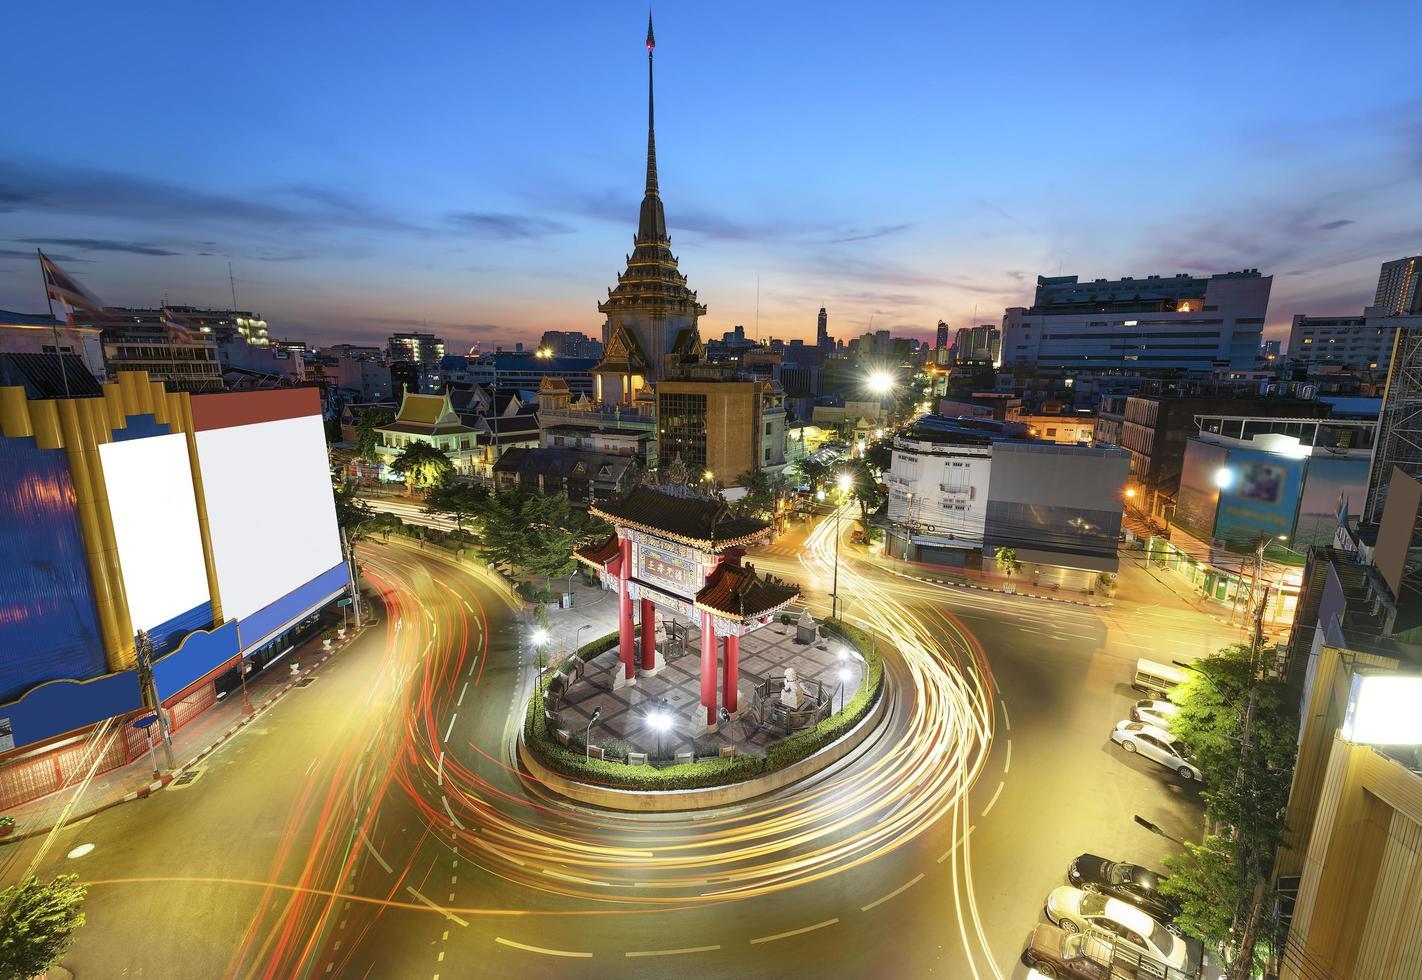 L'arche et le temple de la passerelle à Bangkok, Thaïlande photo